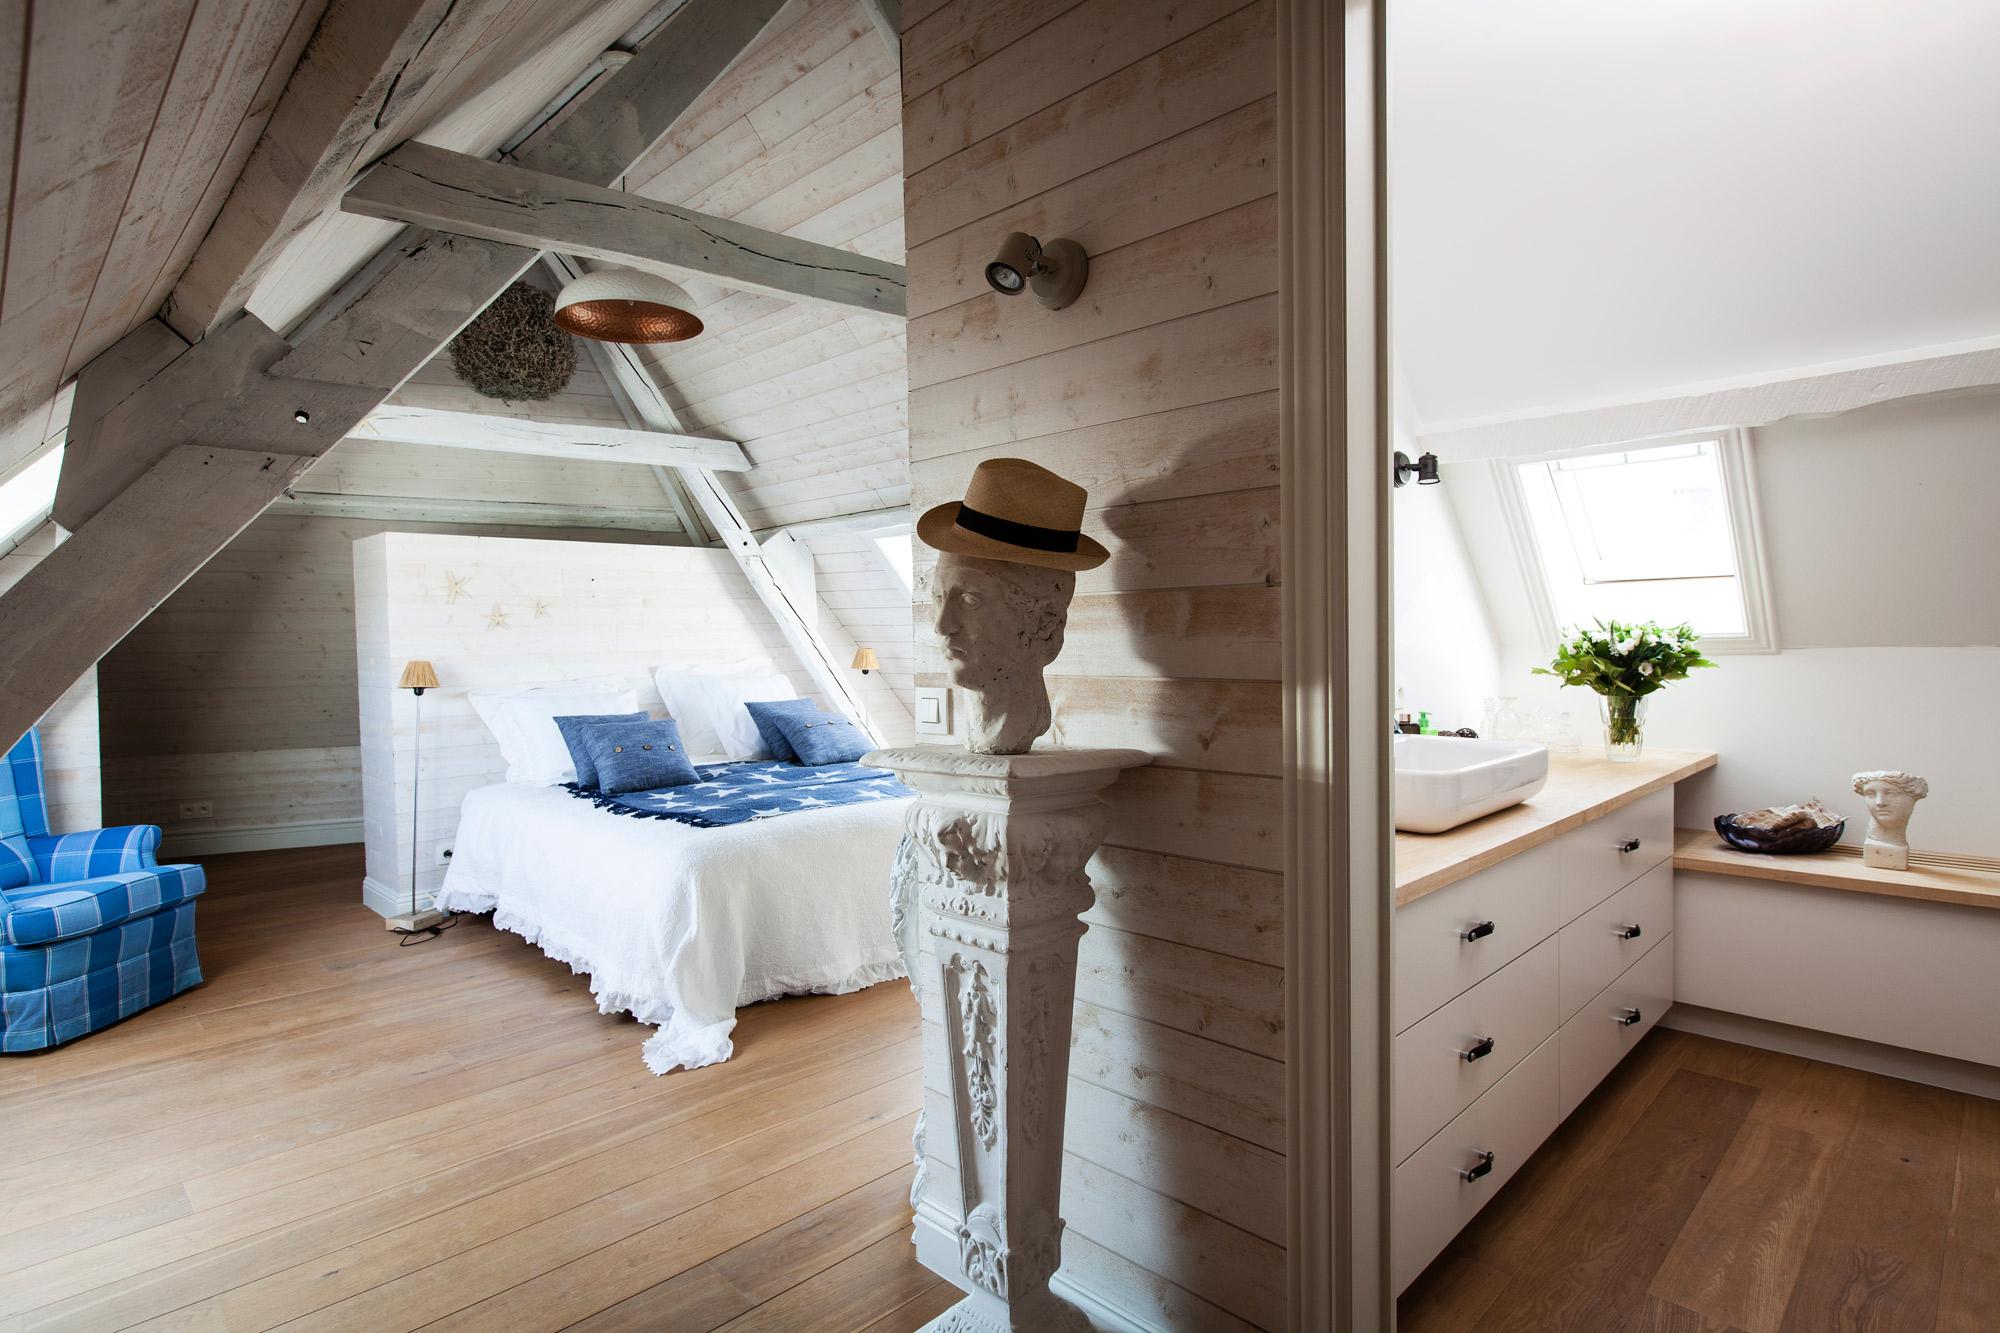 Chambre Knokke-le-Zoute Maison Amodio B&B chambre d'hôtes au coeur de Bruges